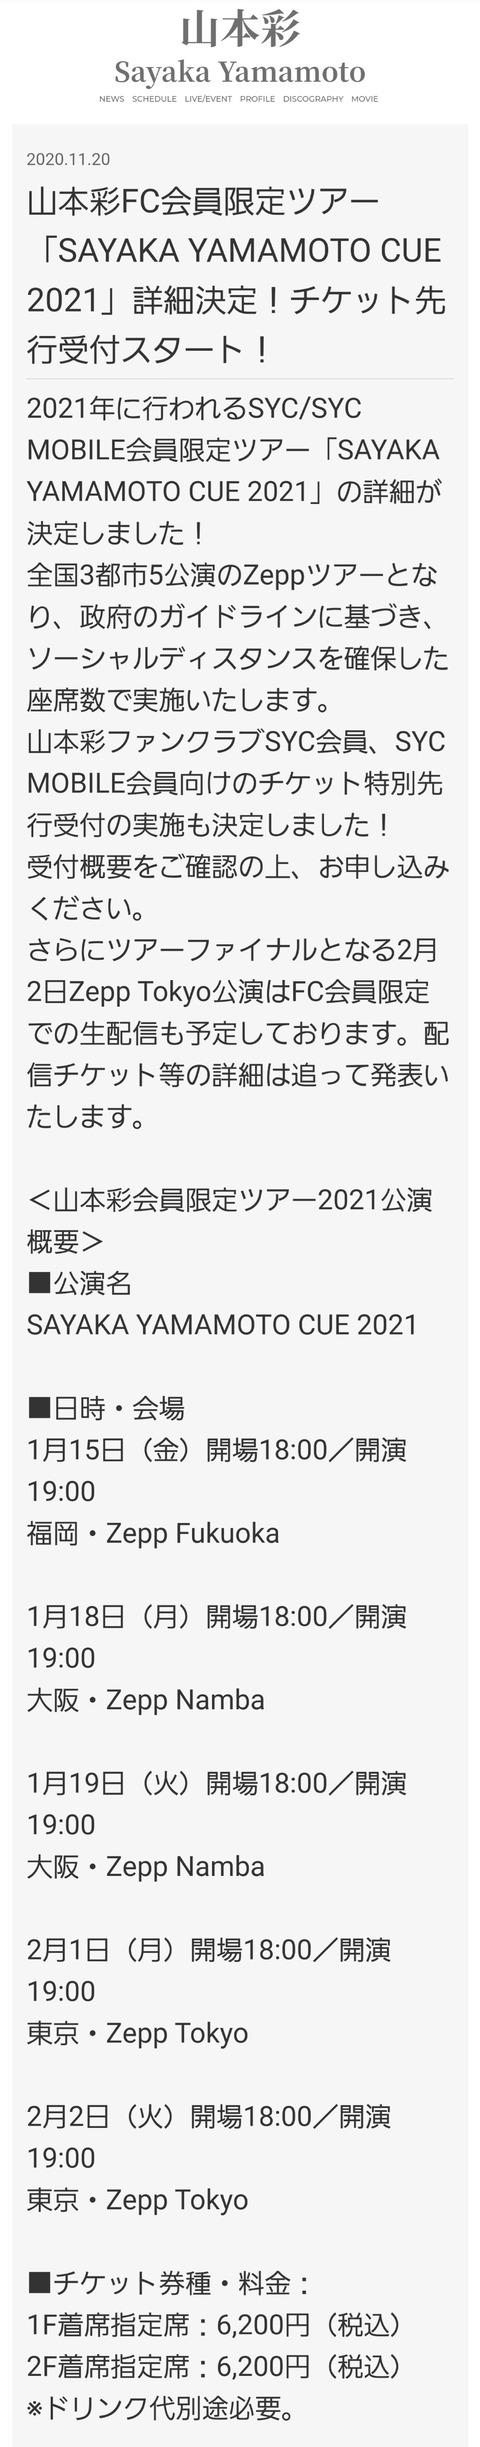 【朗報】山本彩さん2021年1月からツアー開始!